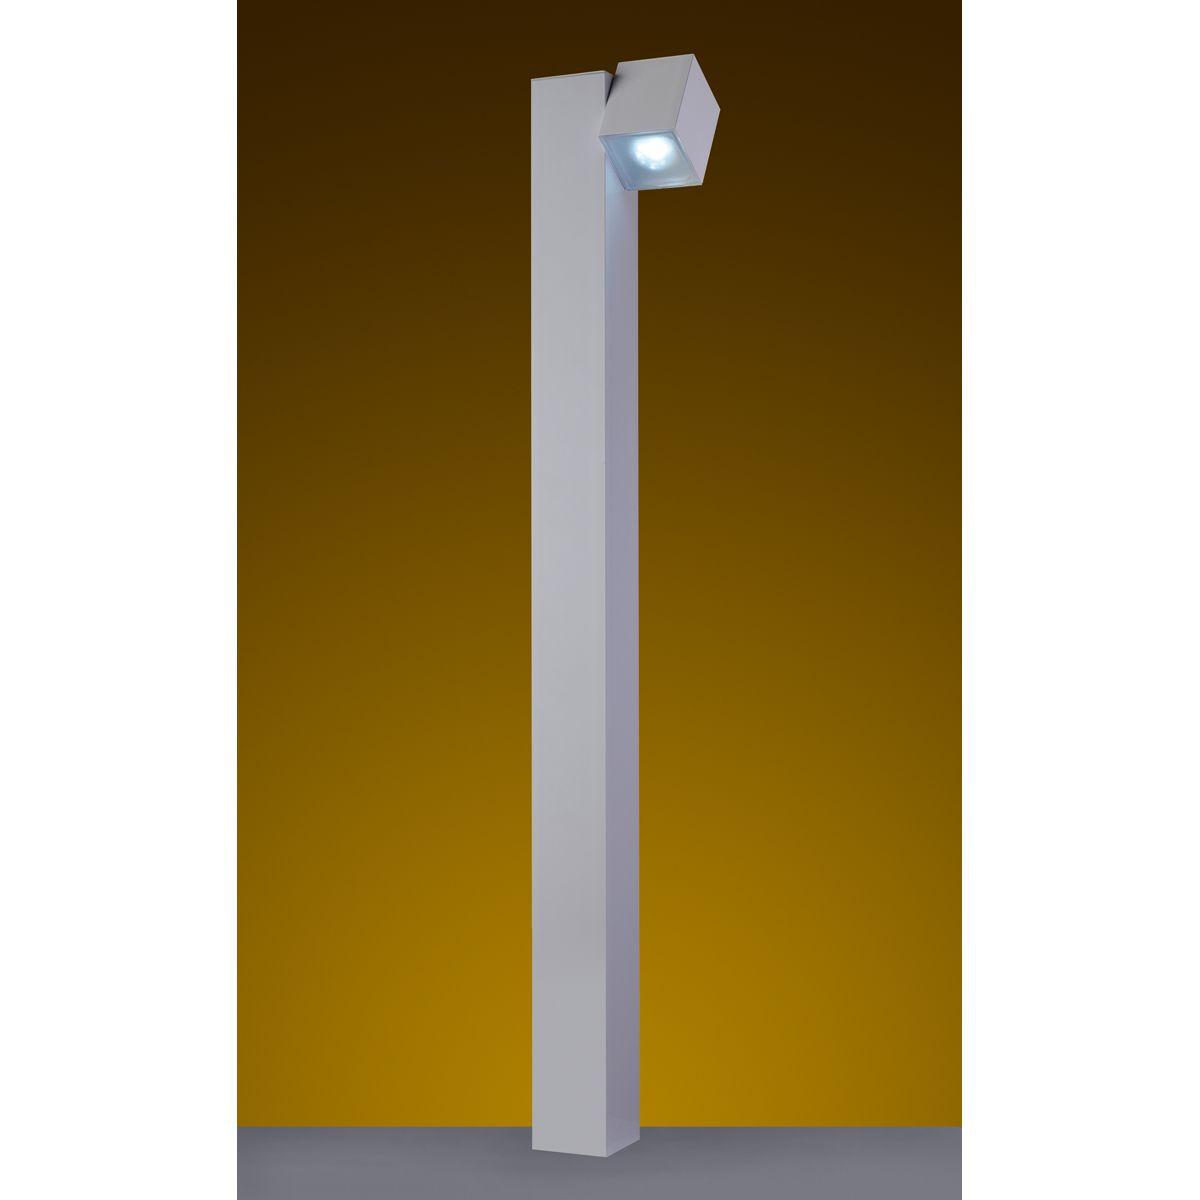 """Balizador Cube Tubo Quadrado 3"""" 01 GU10 100cm Tampa inferior em Policarbonato com AntiUV - Branca Microtexturizada"""